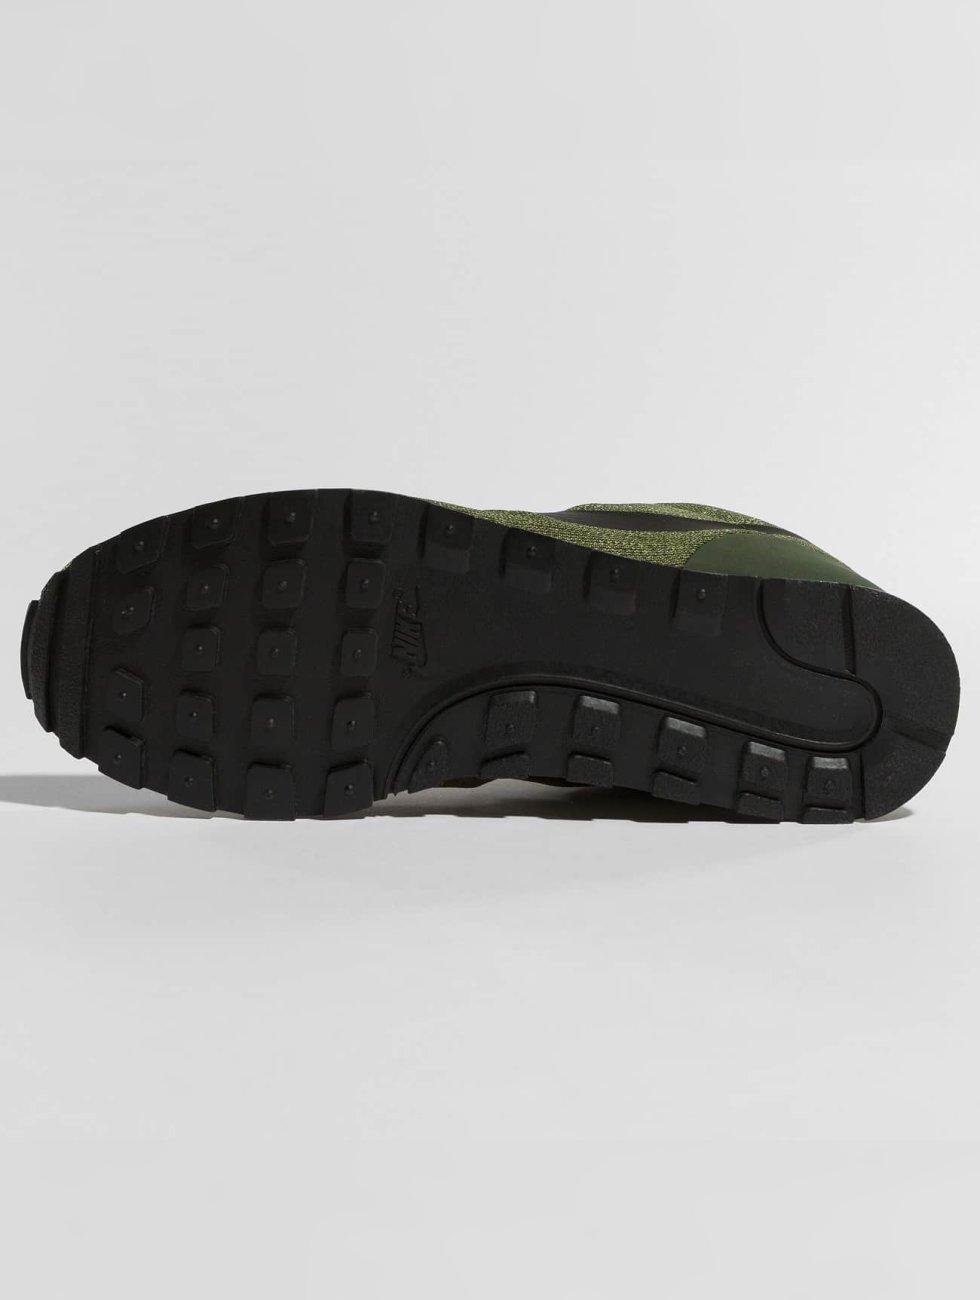 Footlocker Foto's Online Te Koop Nike schoen / sneaker MD Runner II ENG Mesh in khaki 422909 Beste Verkoop Online Te Koop 1nNA1NOgMd